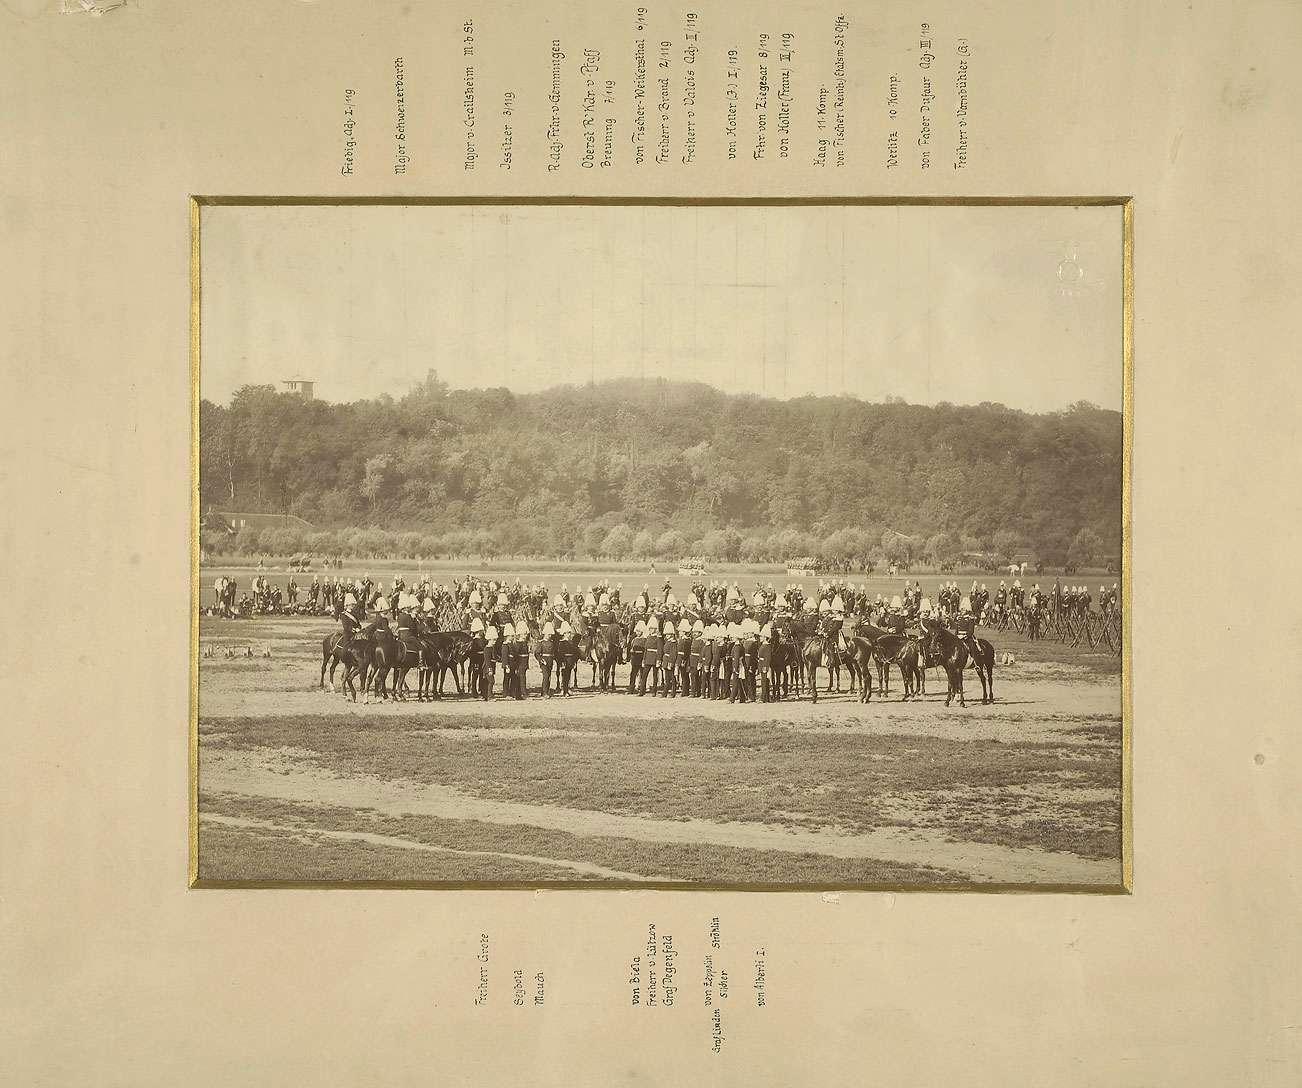 Offiziere des Regiments, neunundzwanzig Personen zu Pferd oder stehend während der Vorparade auf dem Cannstatter Wasen, Bild 1